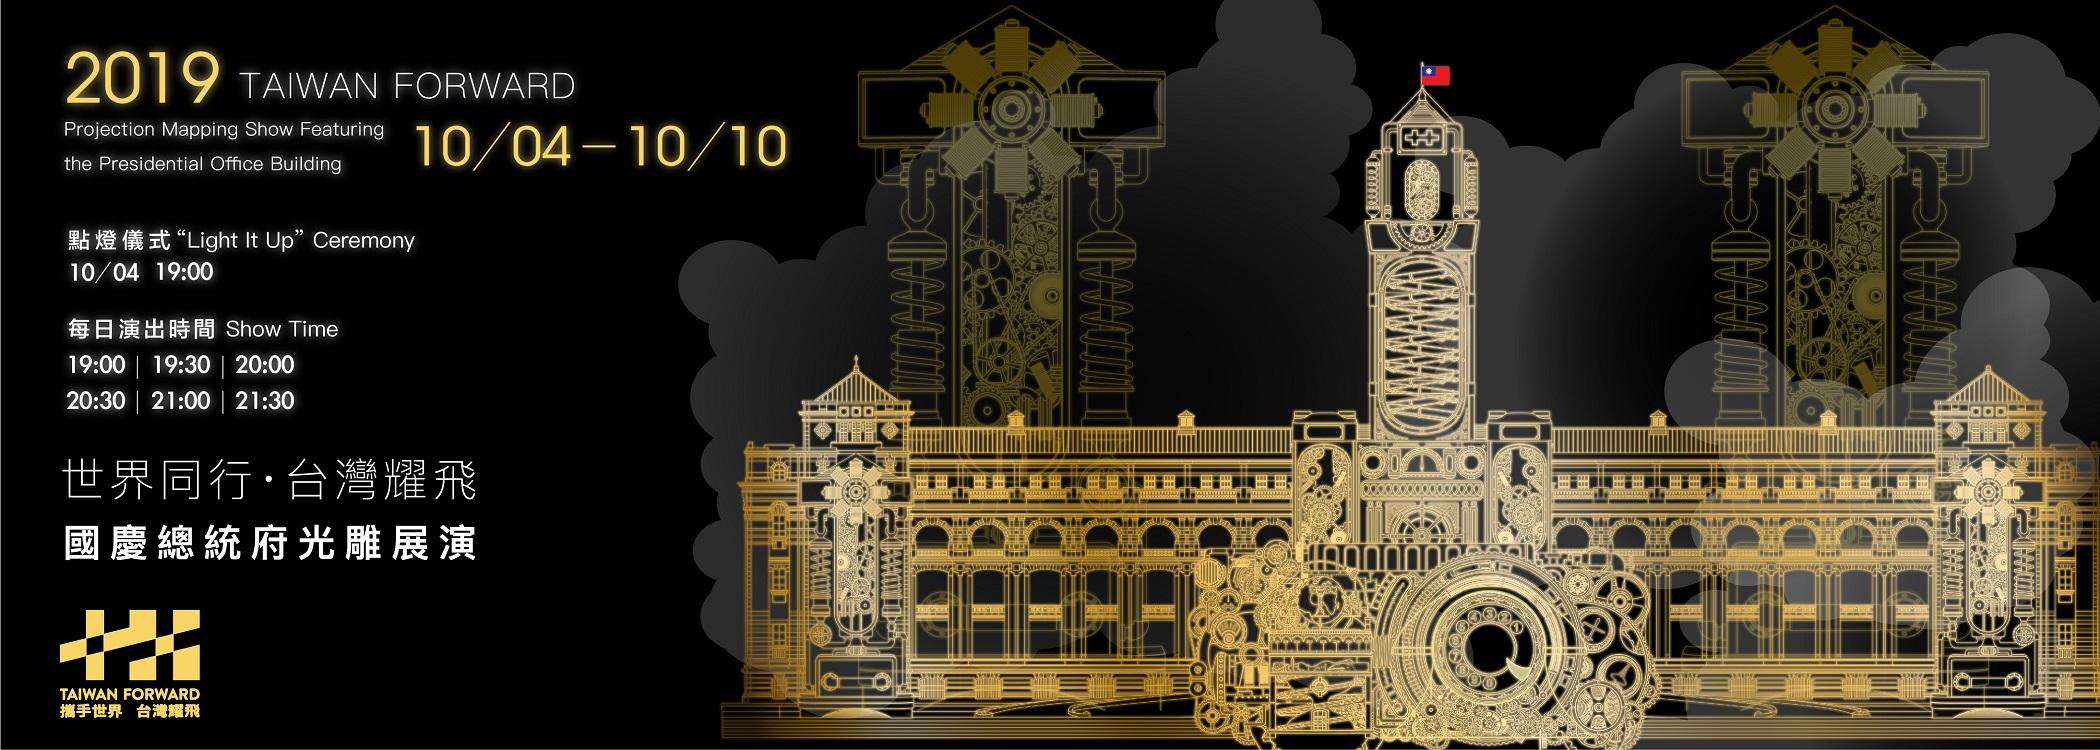 世界同行 台灣耀飛 中華民國108年國慶總統府建築光雕展演